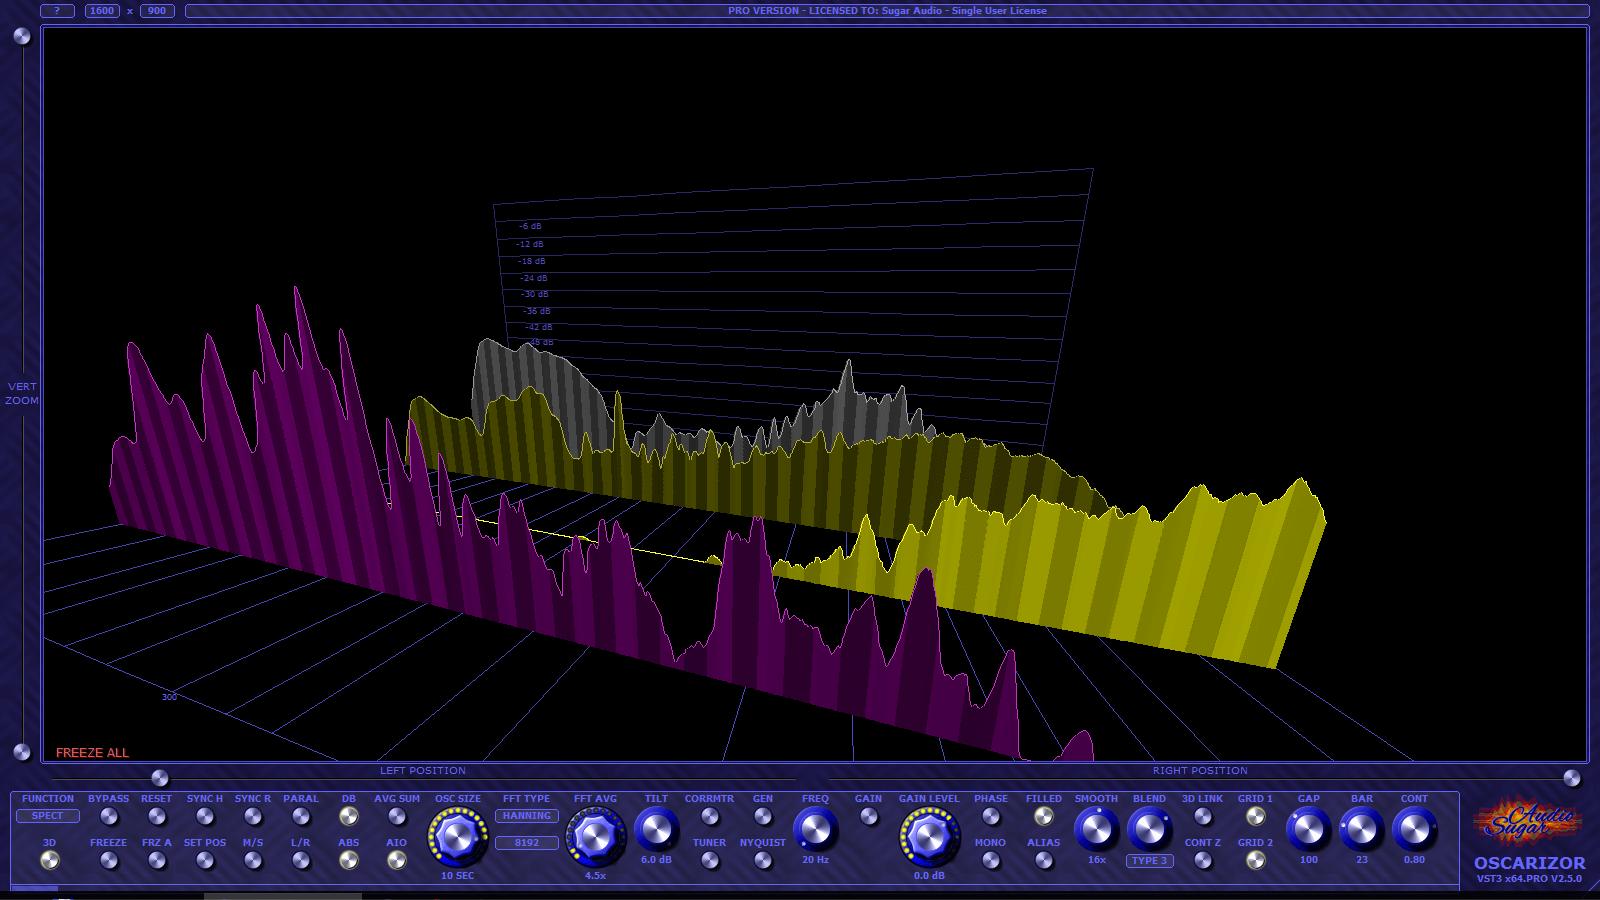 Sugar Audio Oscarizer 2.5 spec3d3